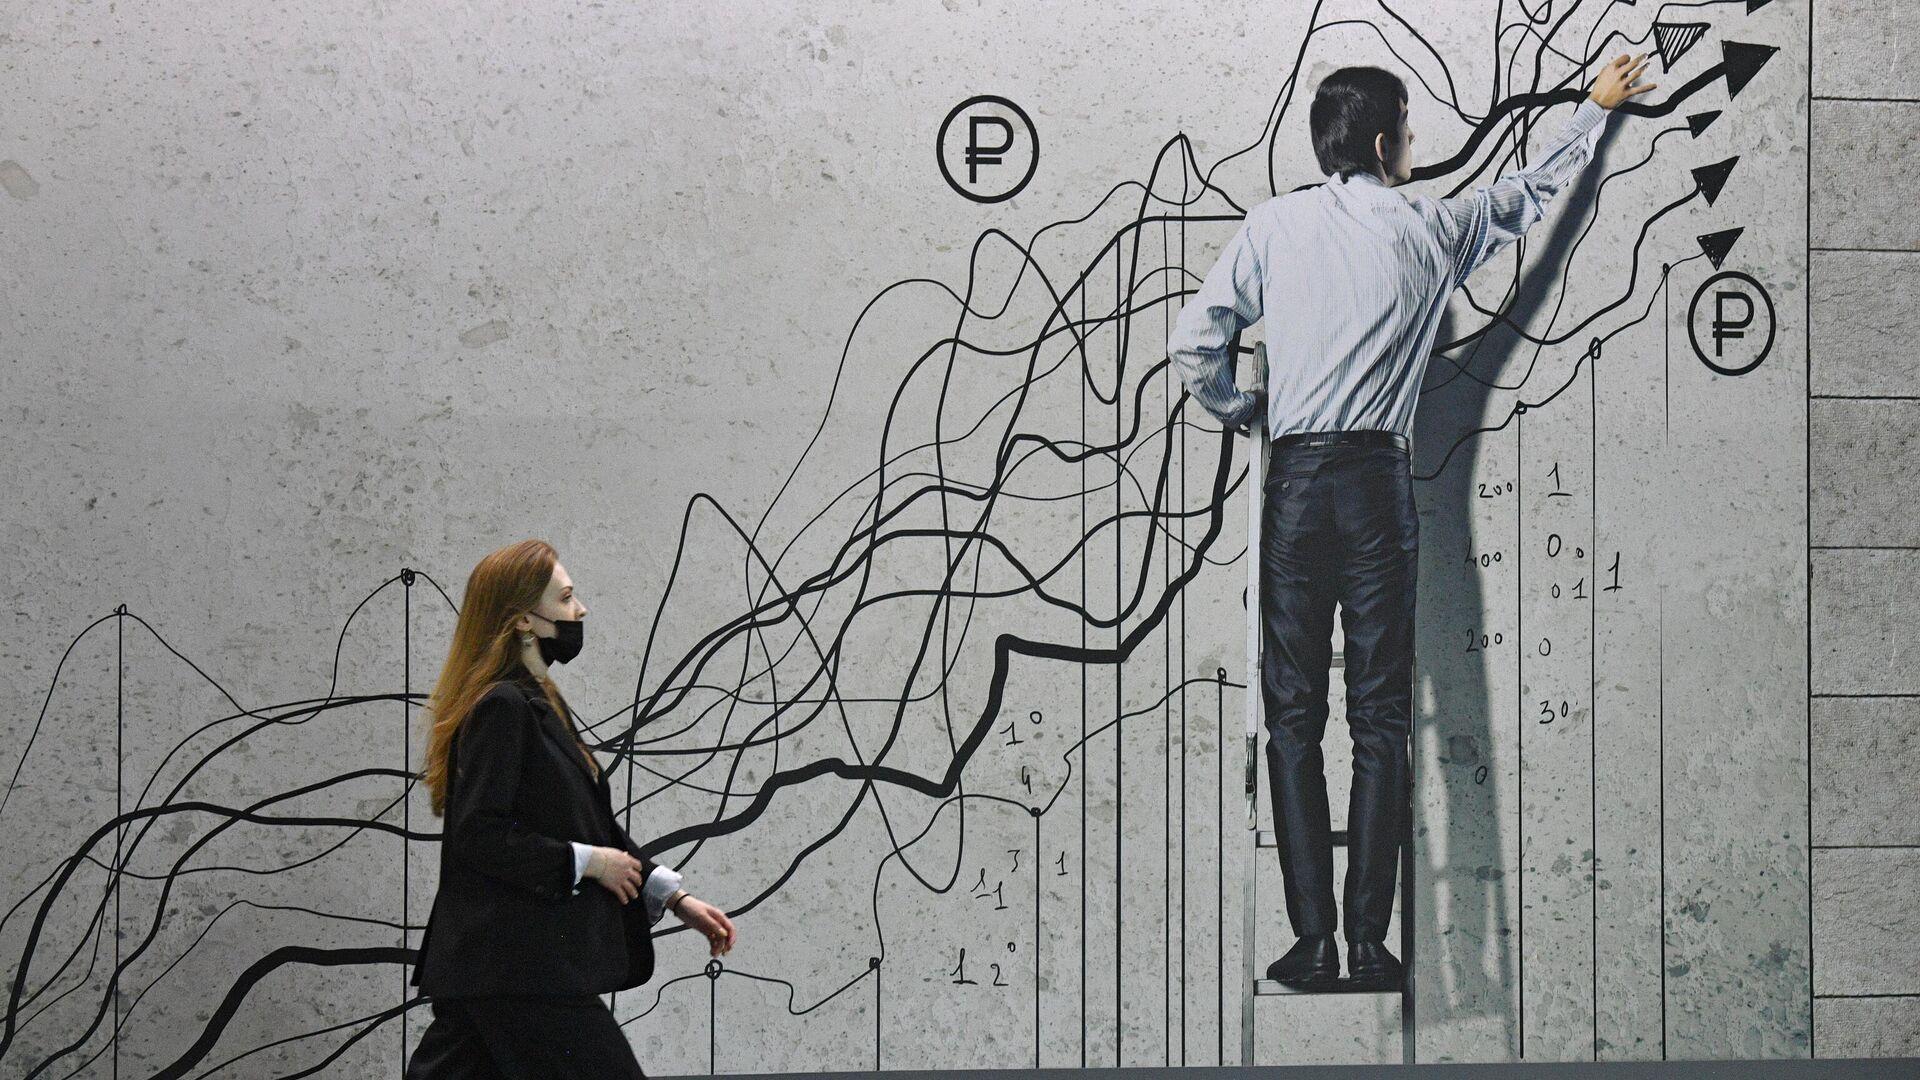 Участница Петербургского международного экономического форума - 2021 в конгрессно-выставочном центре Экспофорум - РИА Новости, 1920, 03.08.2021